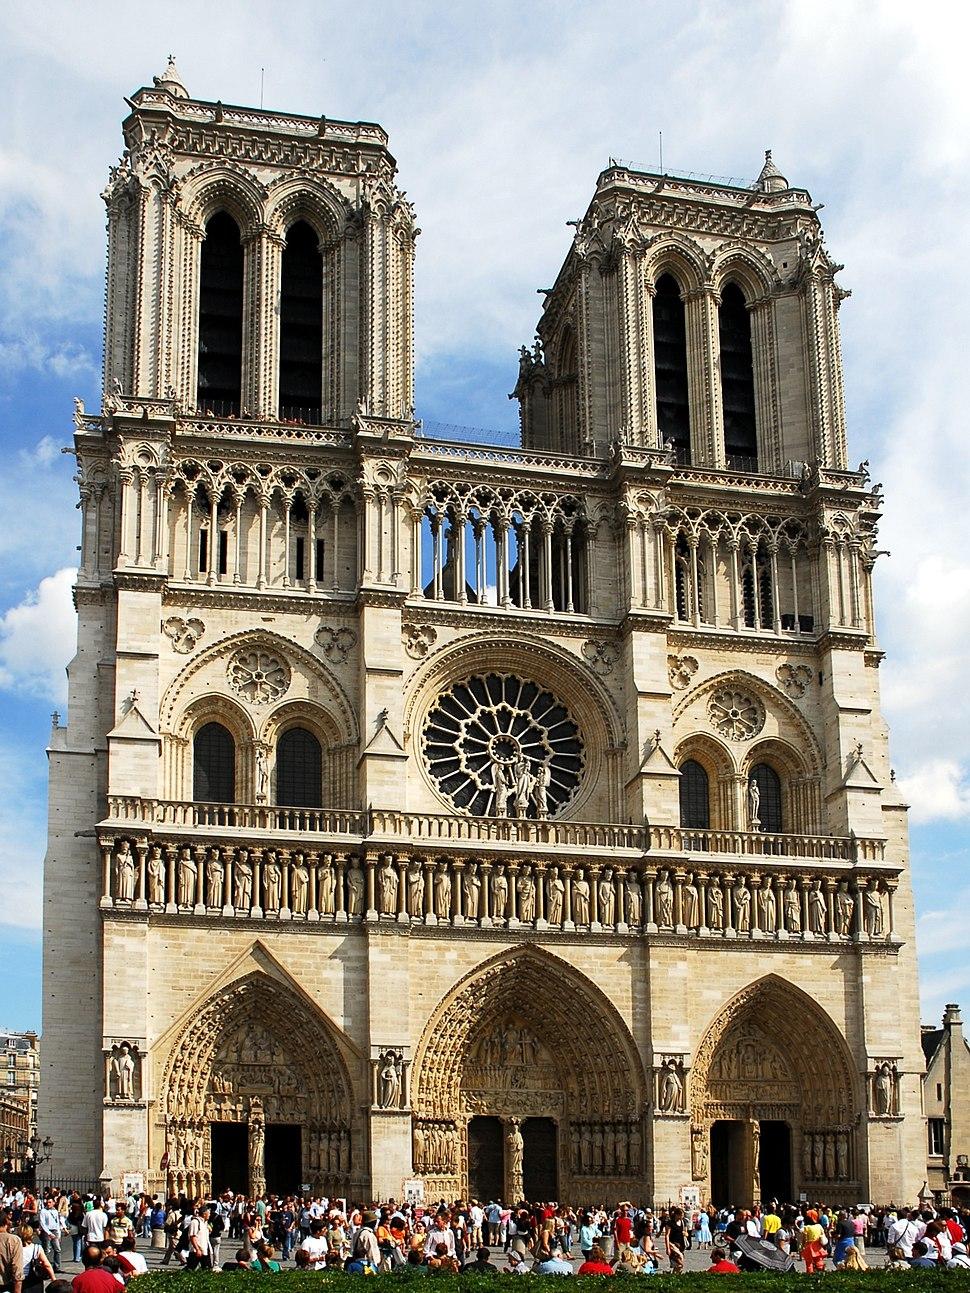 060806-France-Paris-Notre Dame